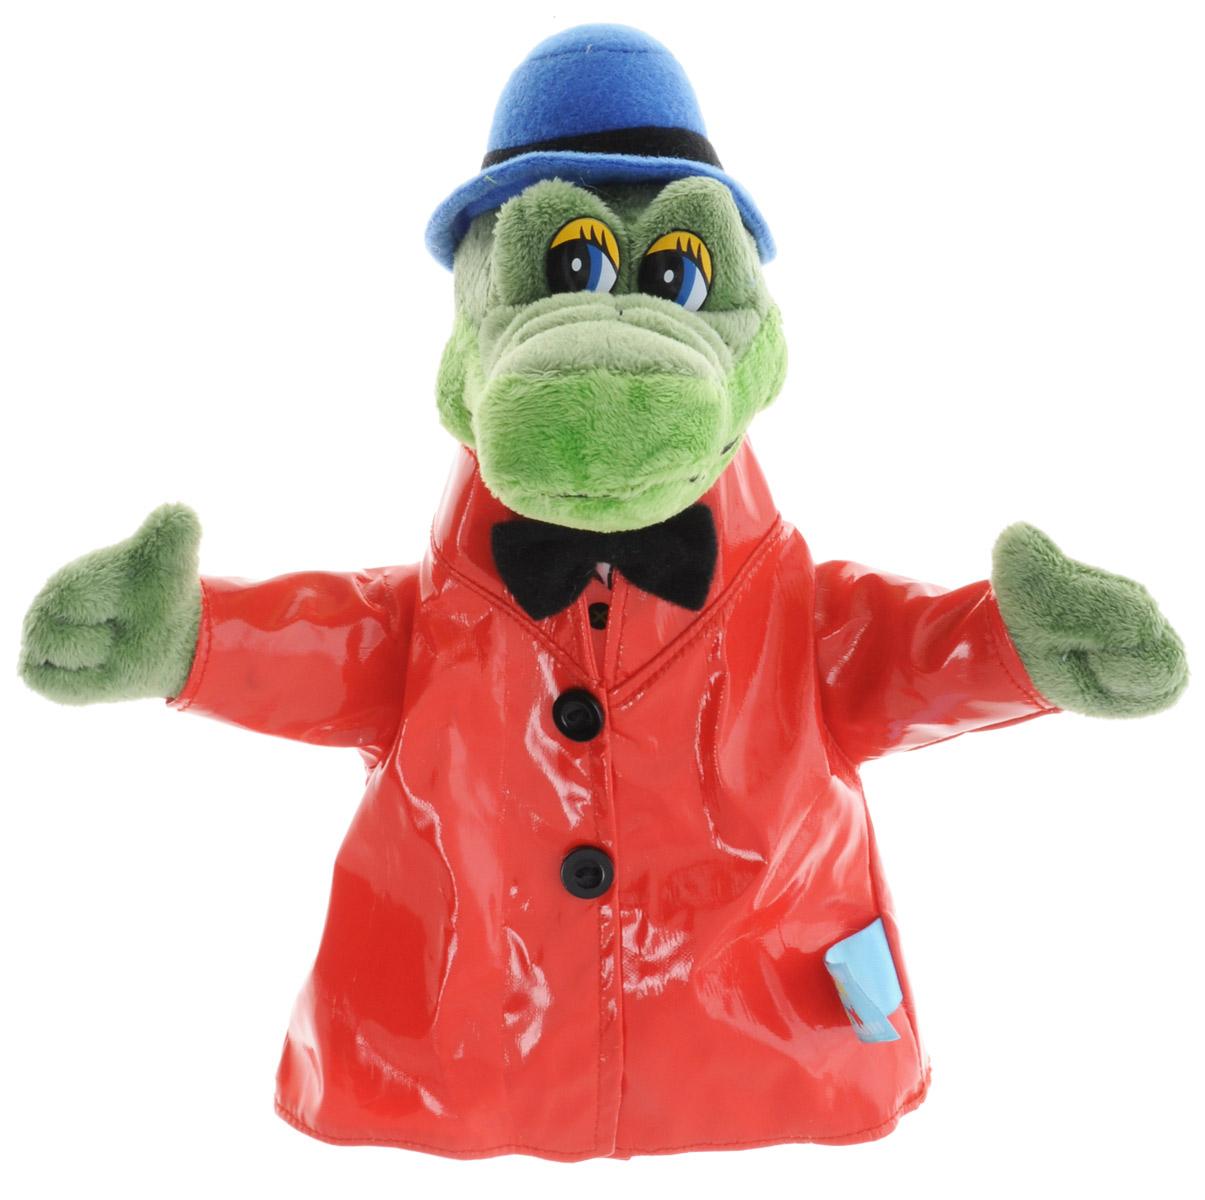 Мульти-Пульти Мягкая игрушка на руку Крокодил ГенаV41437/22Веселый и непосредственный герой Мульти-Пульти Крокодил Гена очарует детей любого возраста. Он поможет родителям не только развлечь ребенка, но и принять активное участие в его воспитании. Мягкая игрушка на руку Мульти-Пульти Крокодил Гена существенно разнообразит игры, позволит создать собственный кукольный театр и обыгрывать настоящие сюжетные спектакли. Игрушка выполнена из высококачественных и нетоксичных материалов, приятна на ощупь.